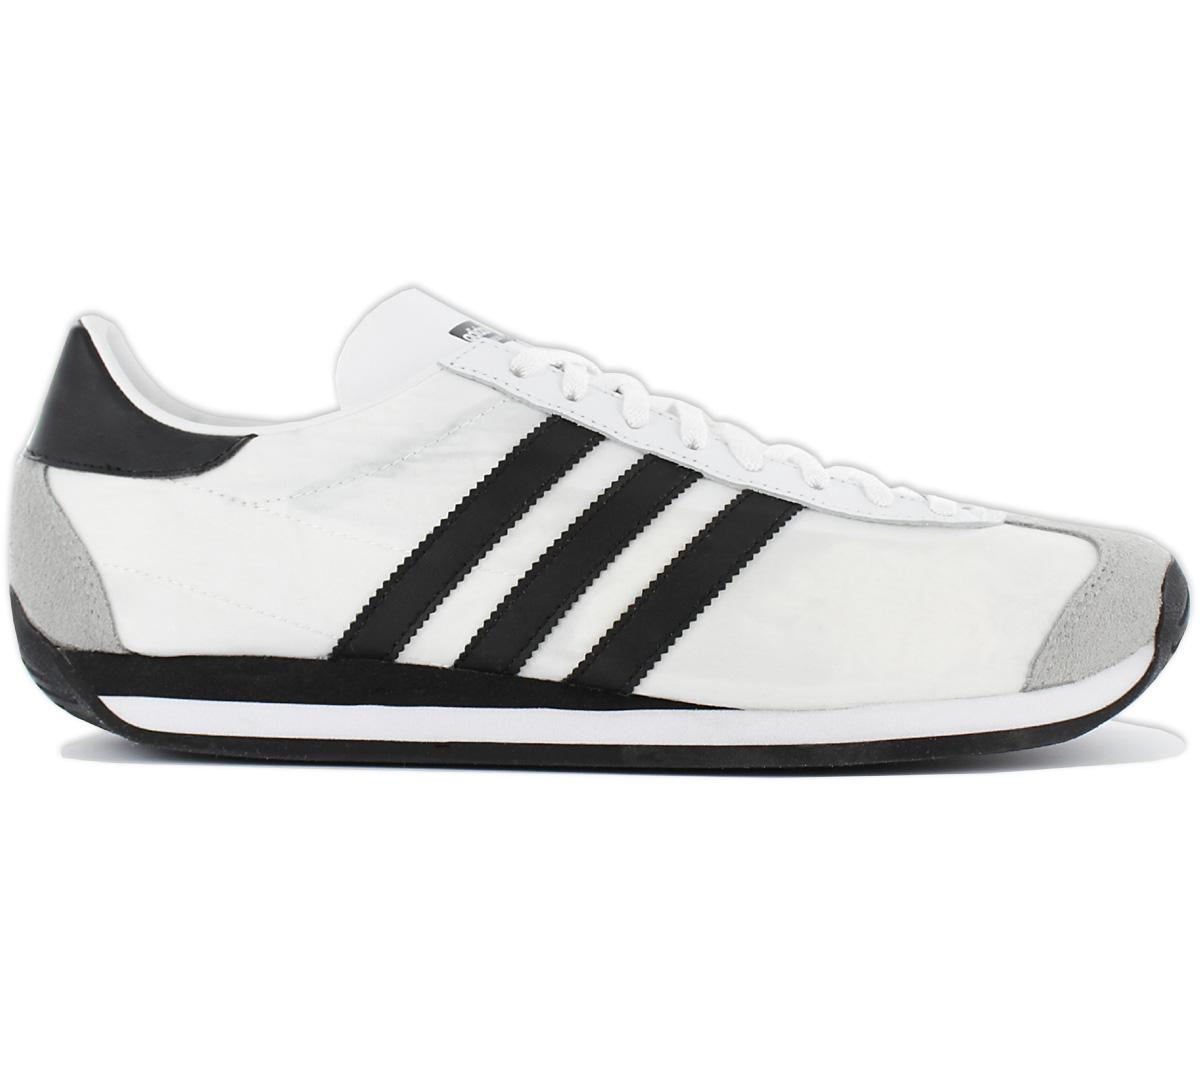 Sneaker Adidas Schuhe Turnschuhe Herren Retro Sportschuhe